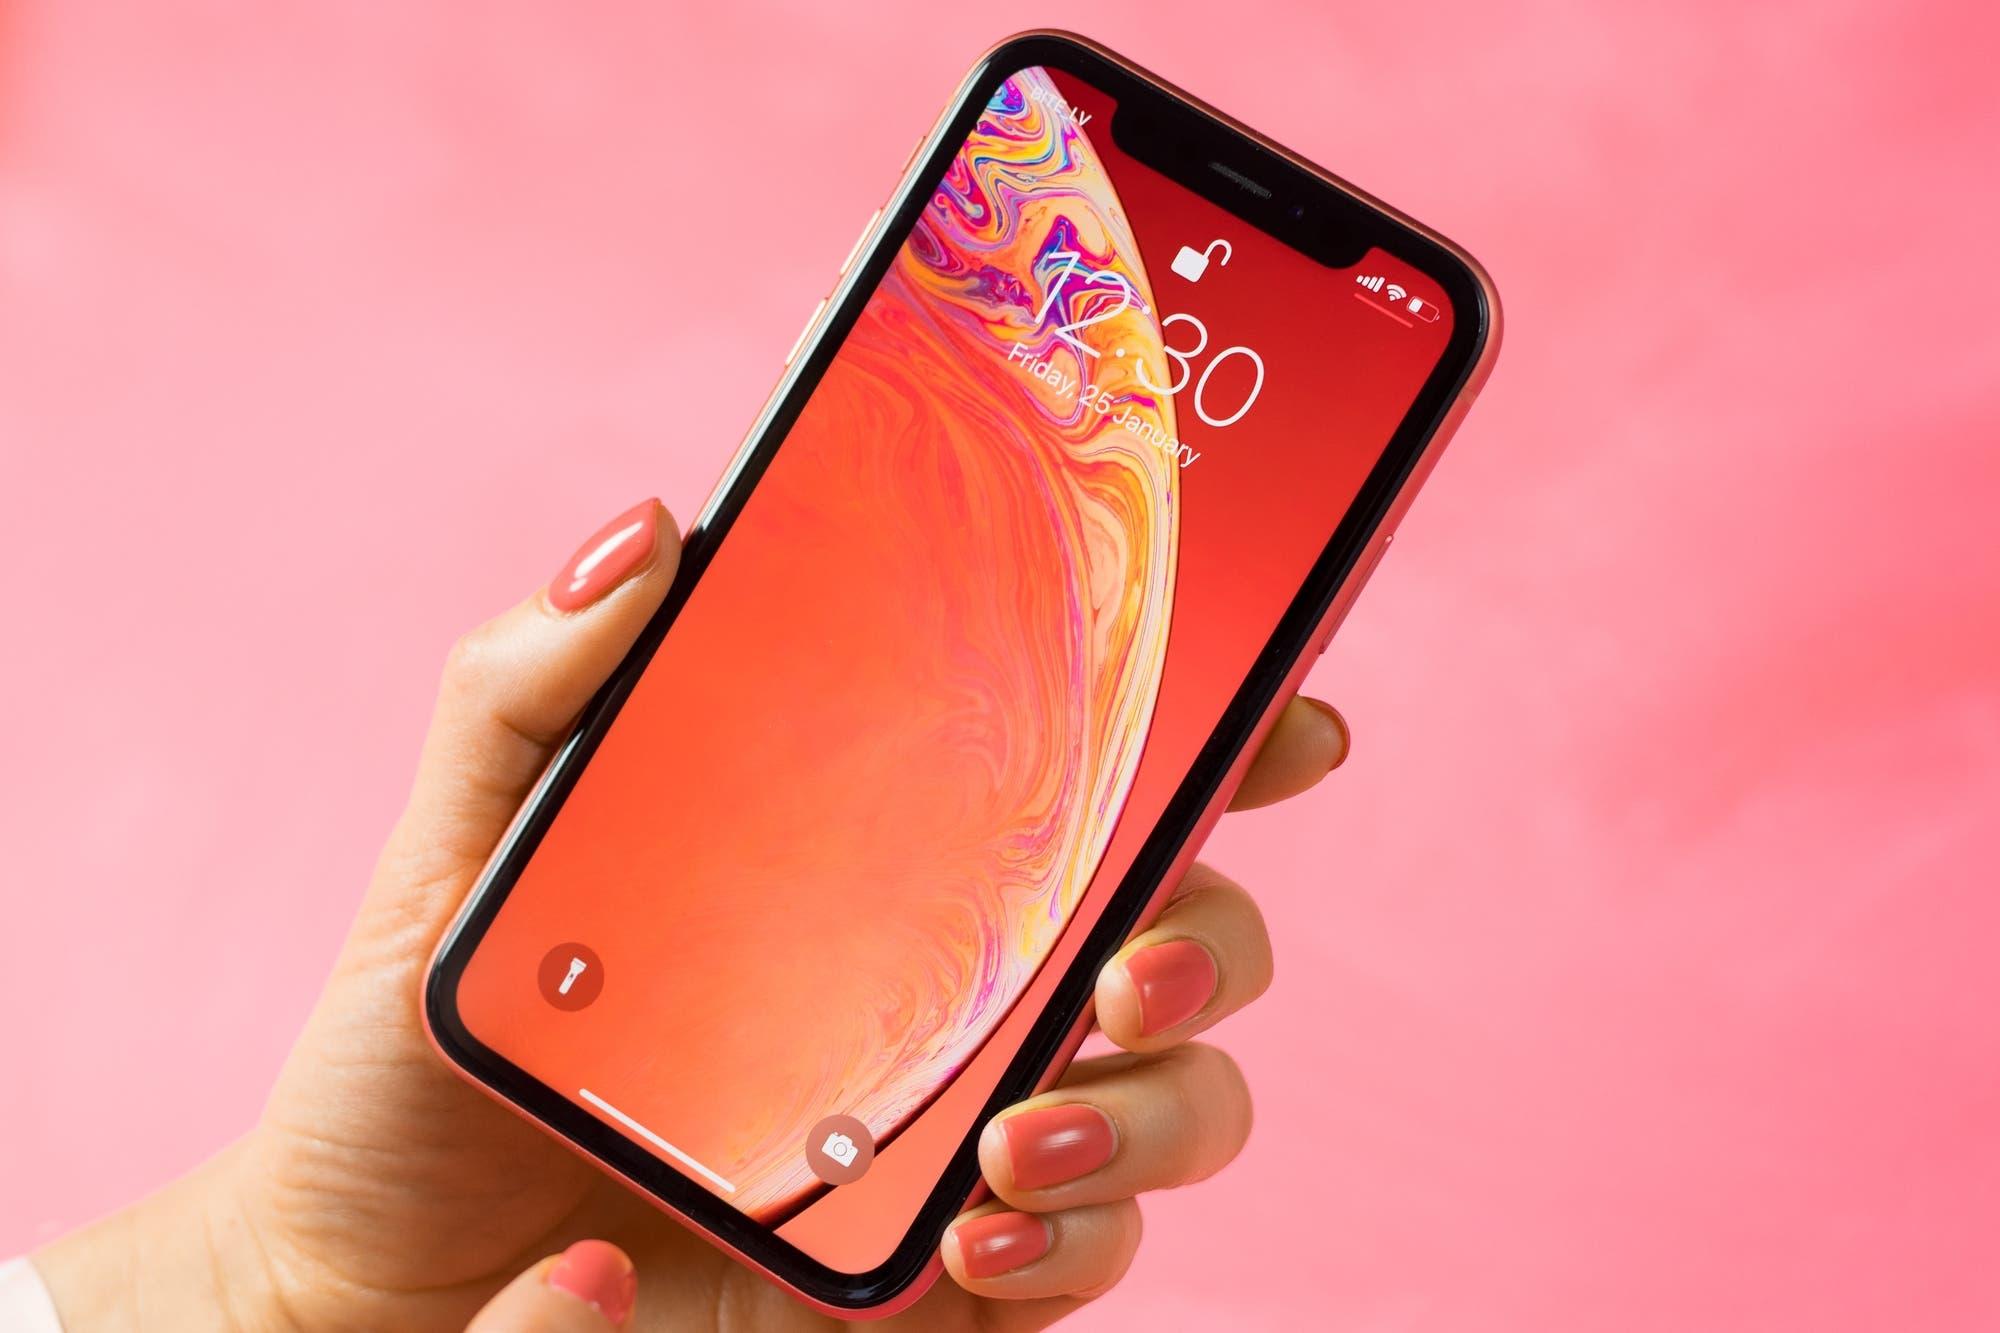 Estos son los celulares más vendidos en el mundo y en América latina durante 2019